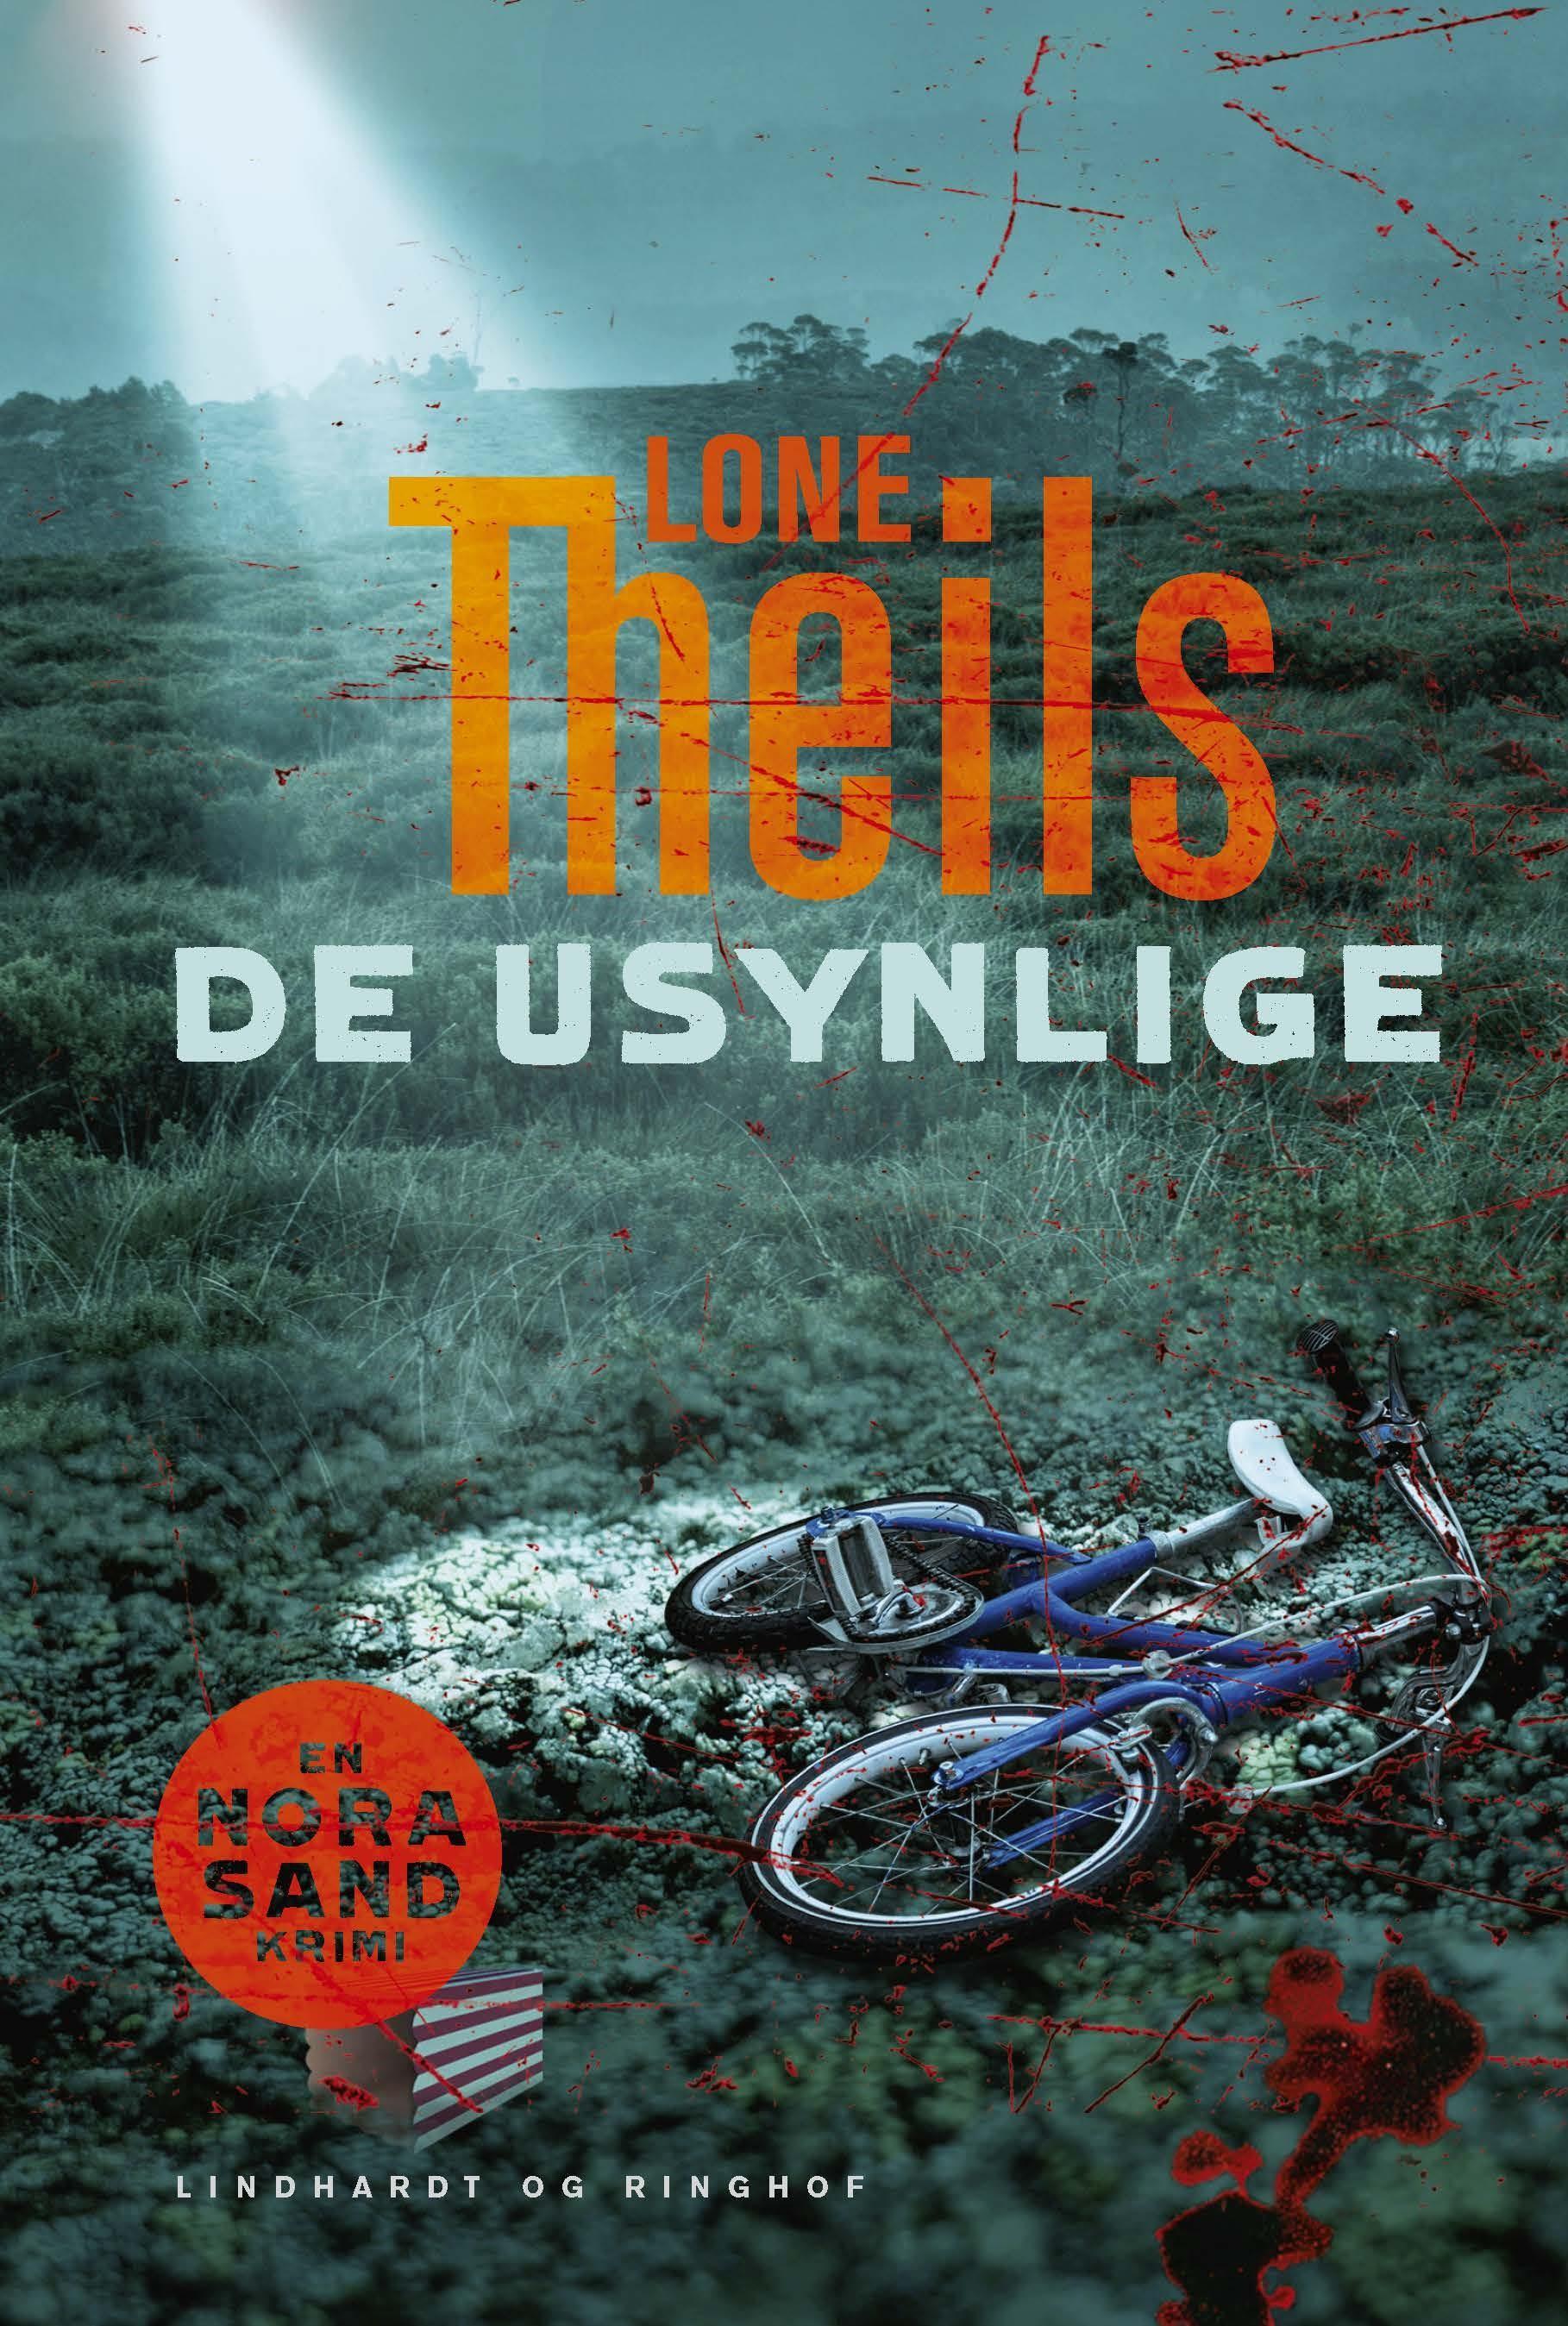 Nora Sand: De usynlige - Lone Theils - Bøger - Lindhardt og Ringhof - 9788711981399 - February 5, 2021